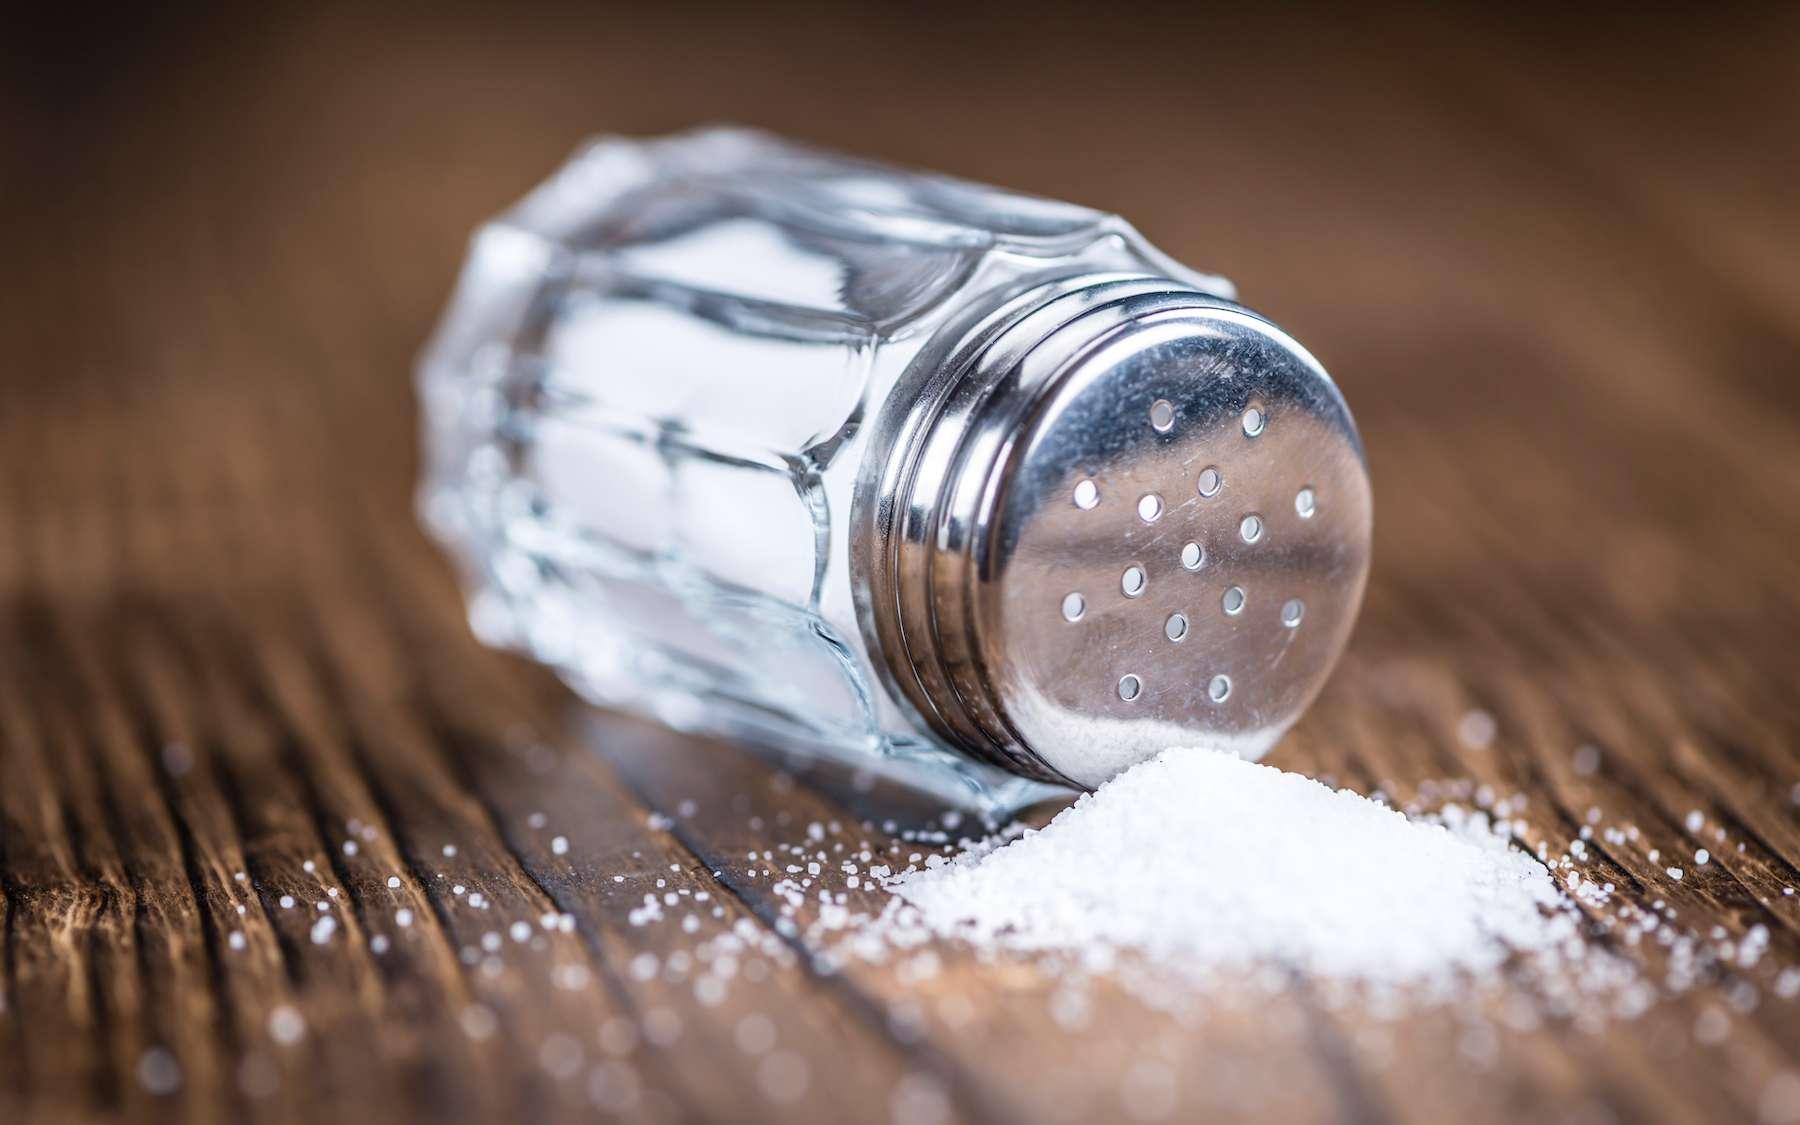 Le sel modifie la pression osmotique entre le liquide intra et extra-cellulaire. © HandmadePictures, Adobe Stock